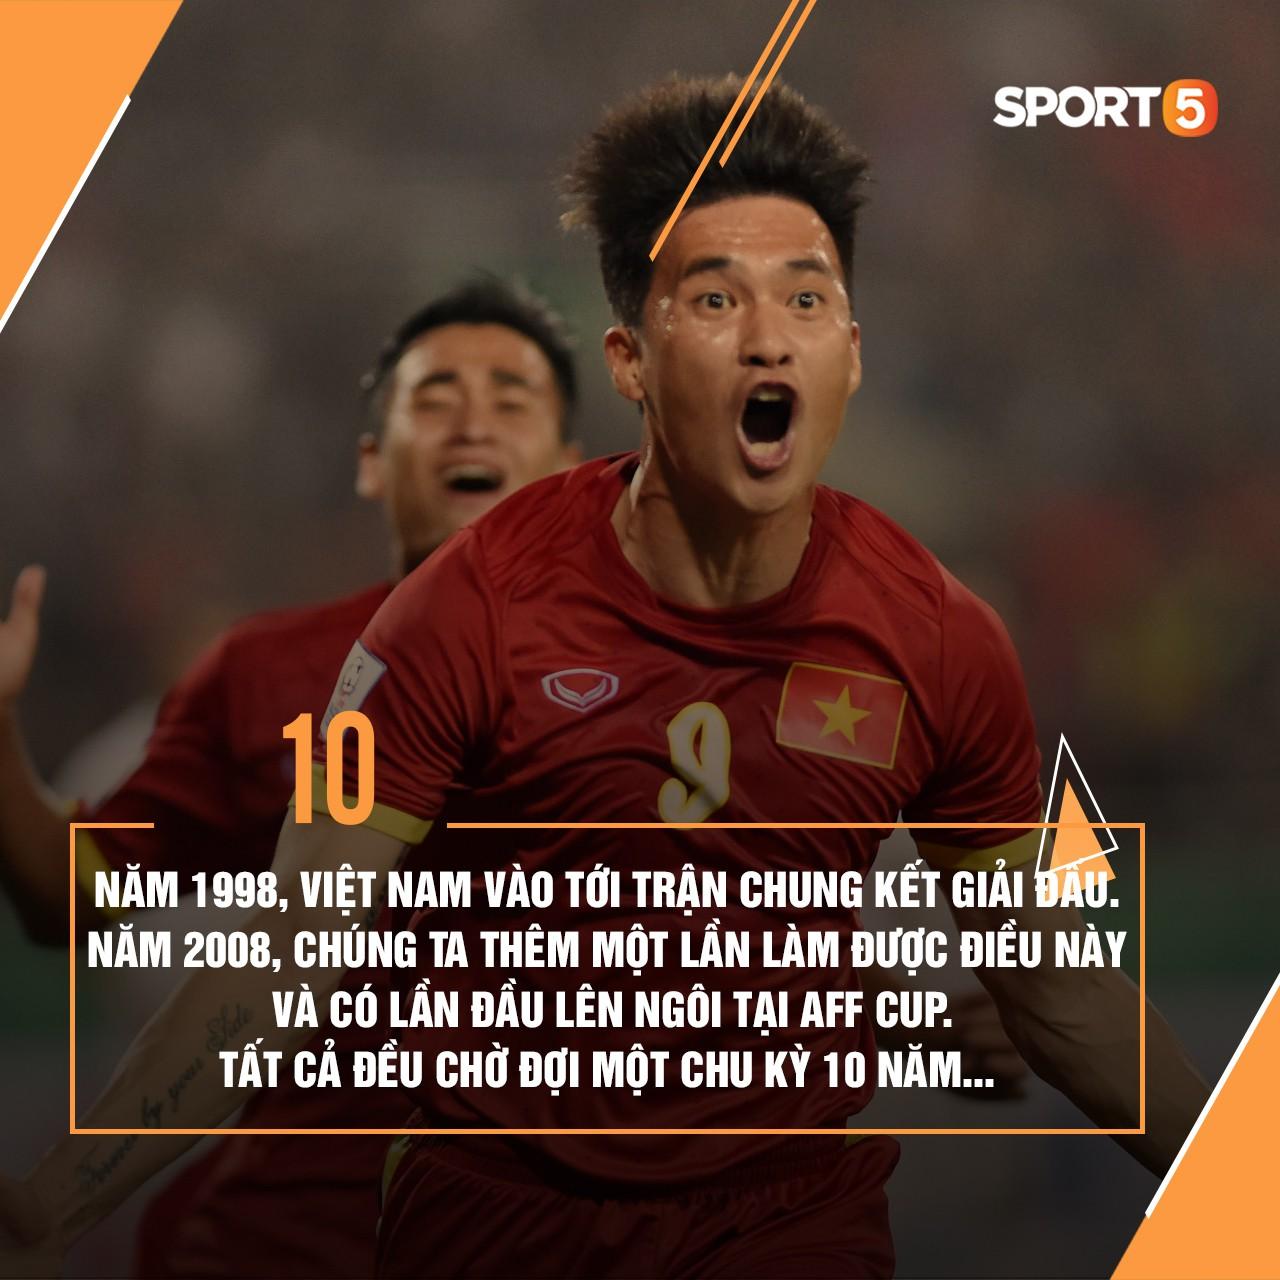 Những thống kê thú vị về tuyển Việt Nam ở AFF Cup - Ảnh 1.